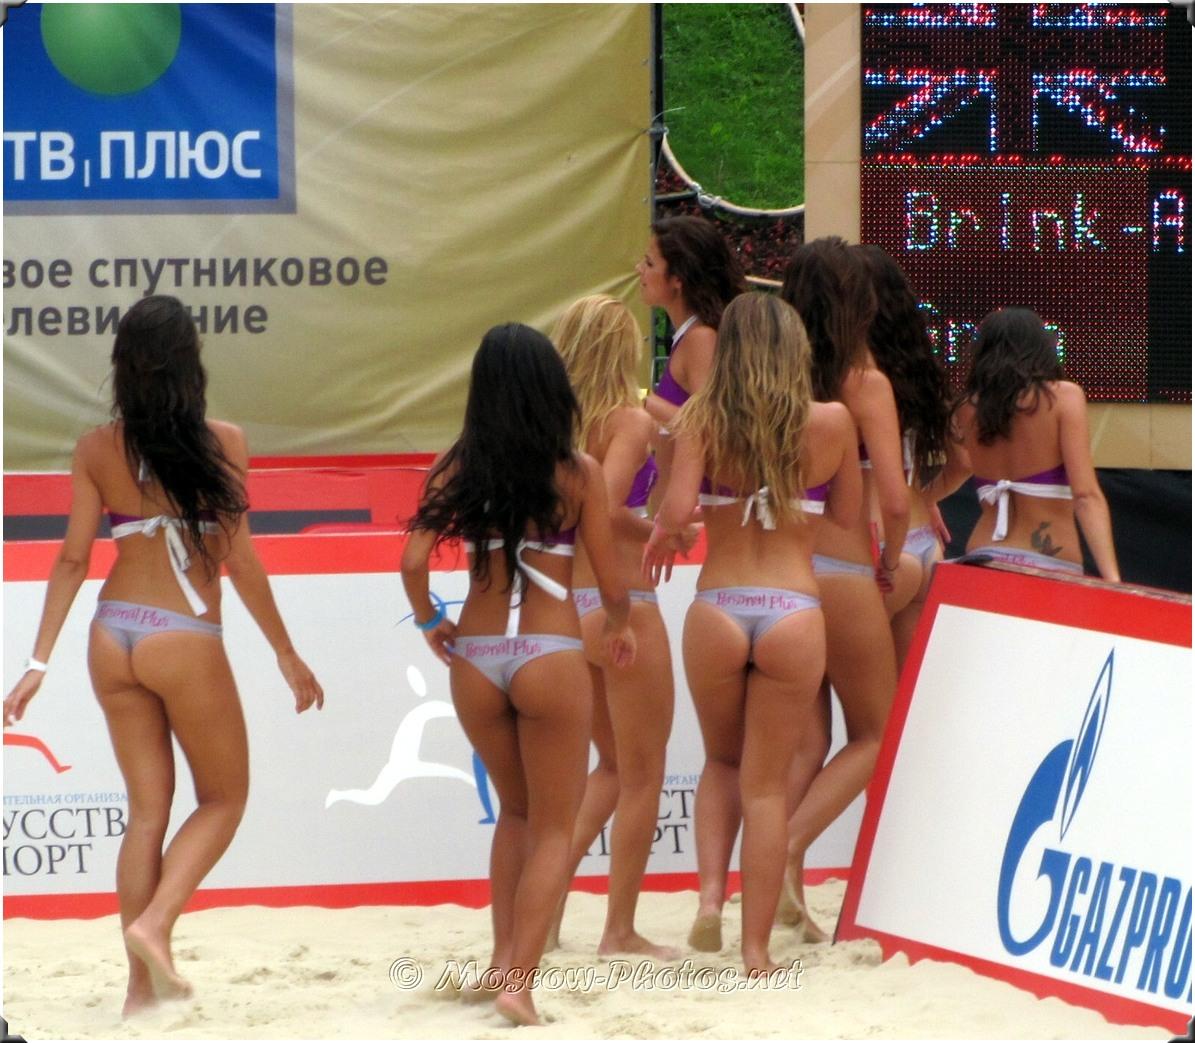 Beach Volley Bikini Babes